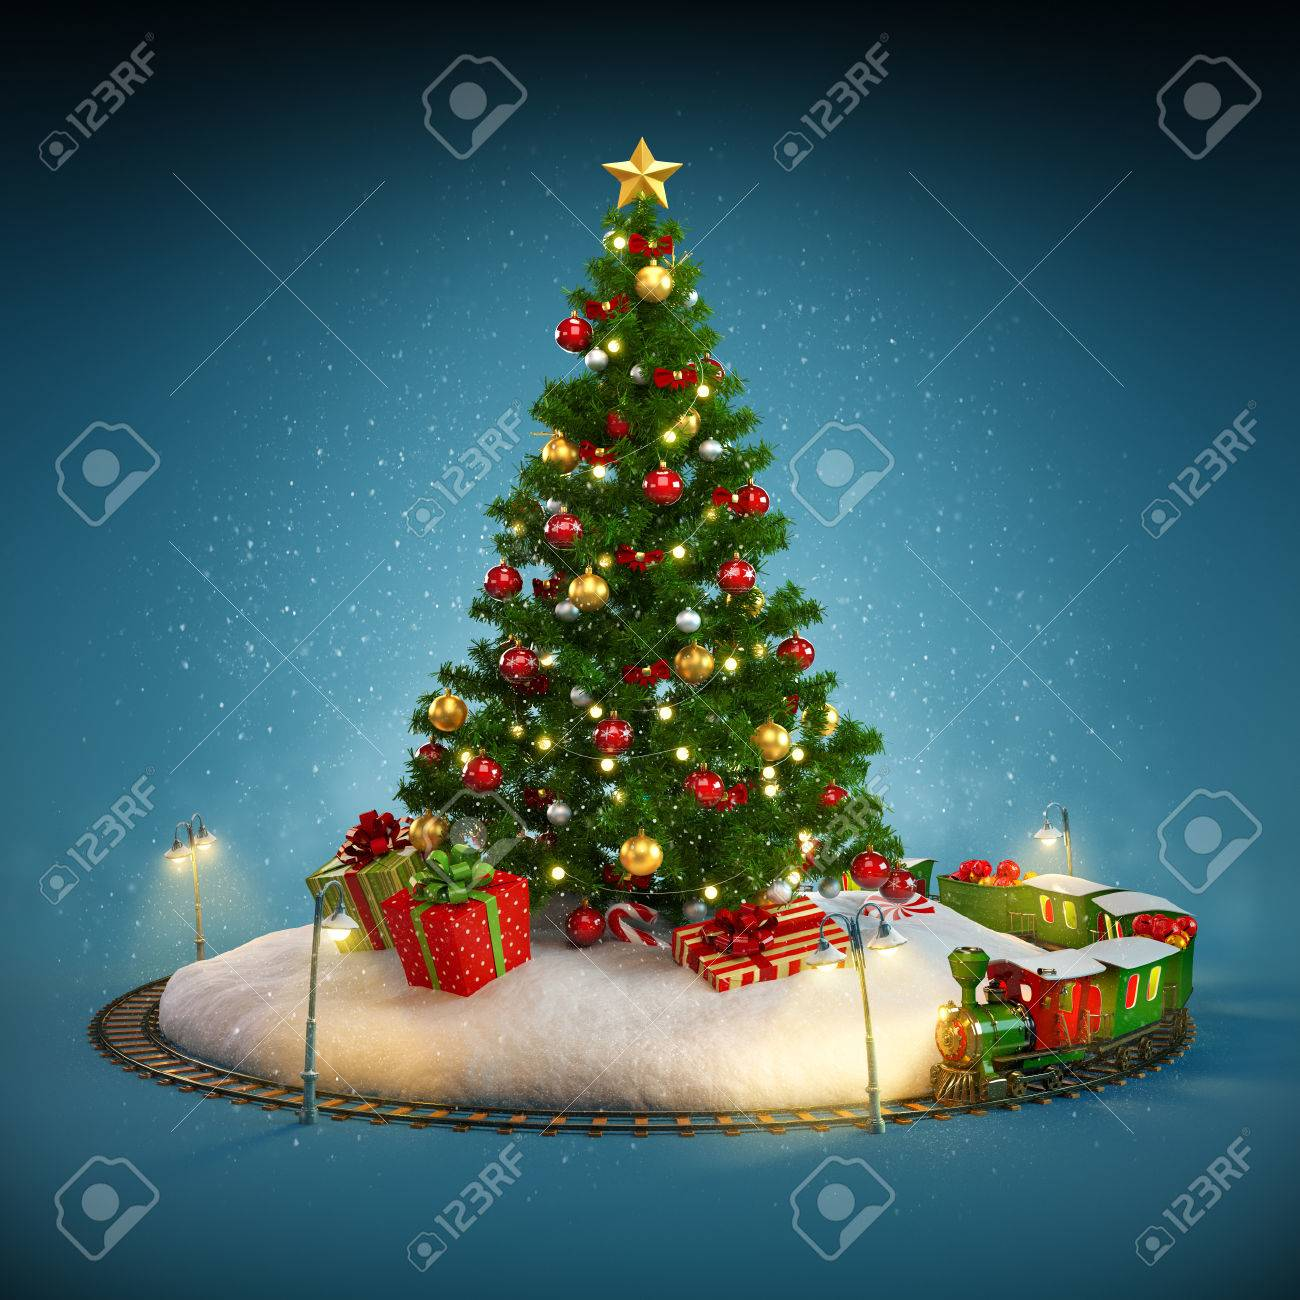 Weihnachtsbaum, Geschenke Und Eisenbahn Auf Blauem Hintergrund ...